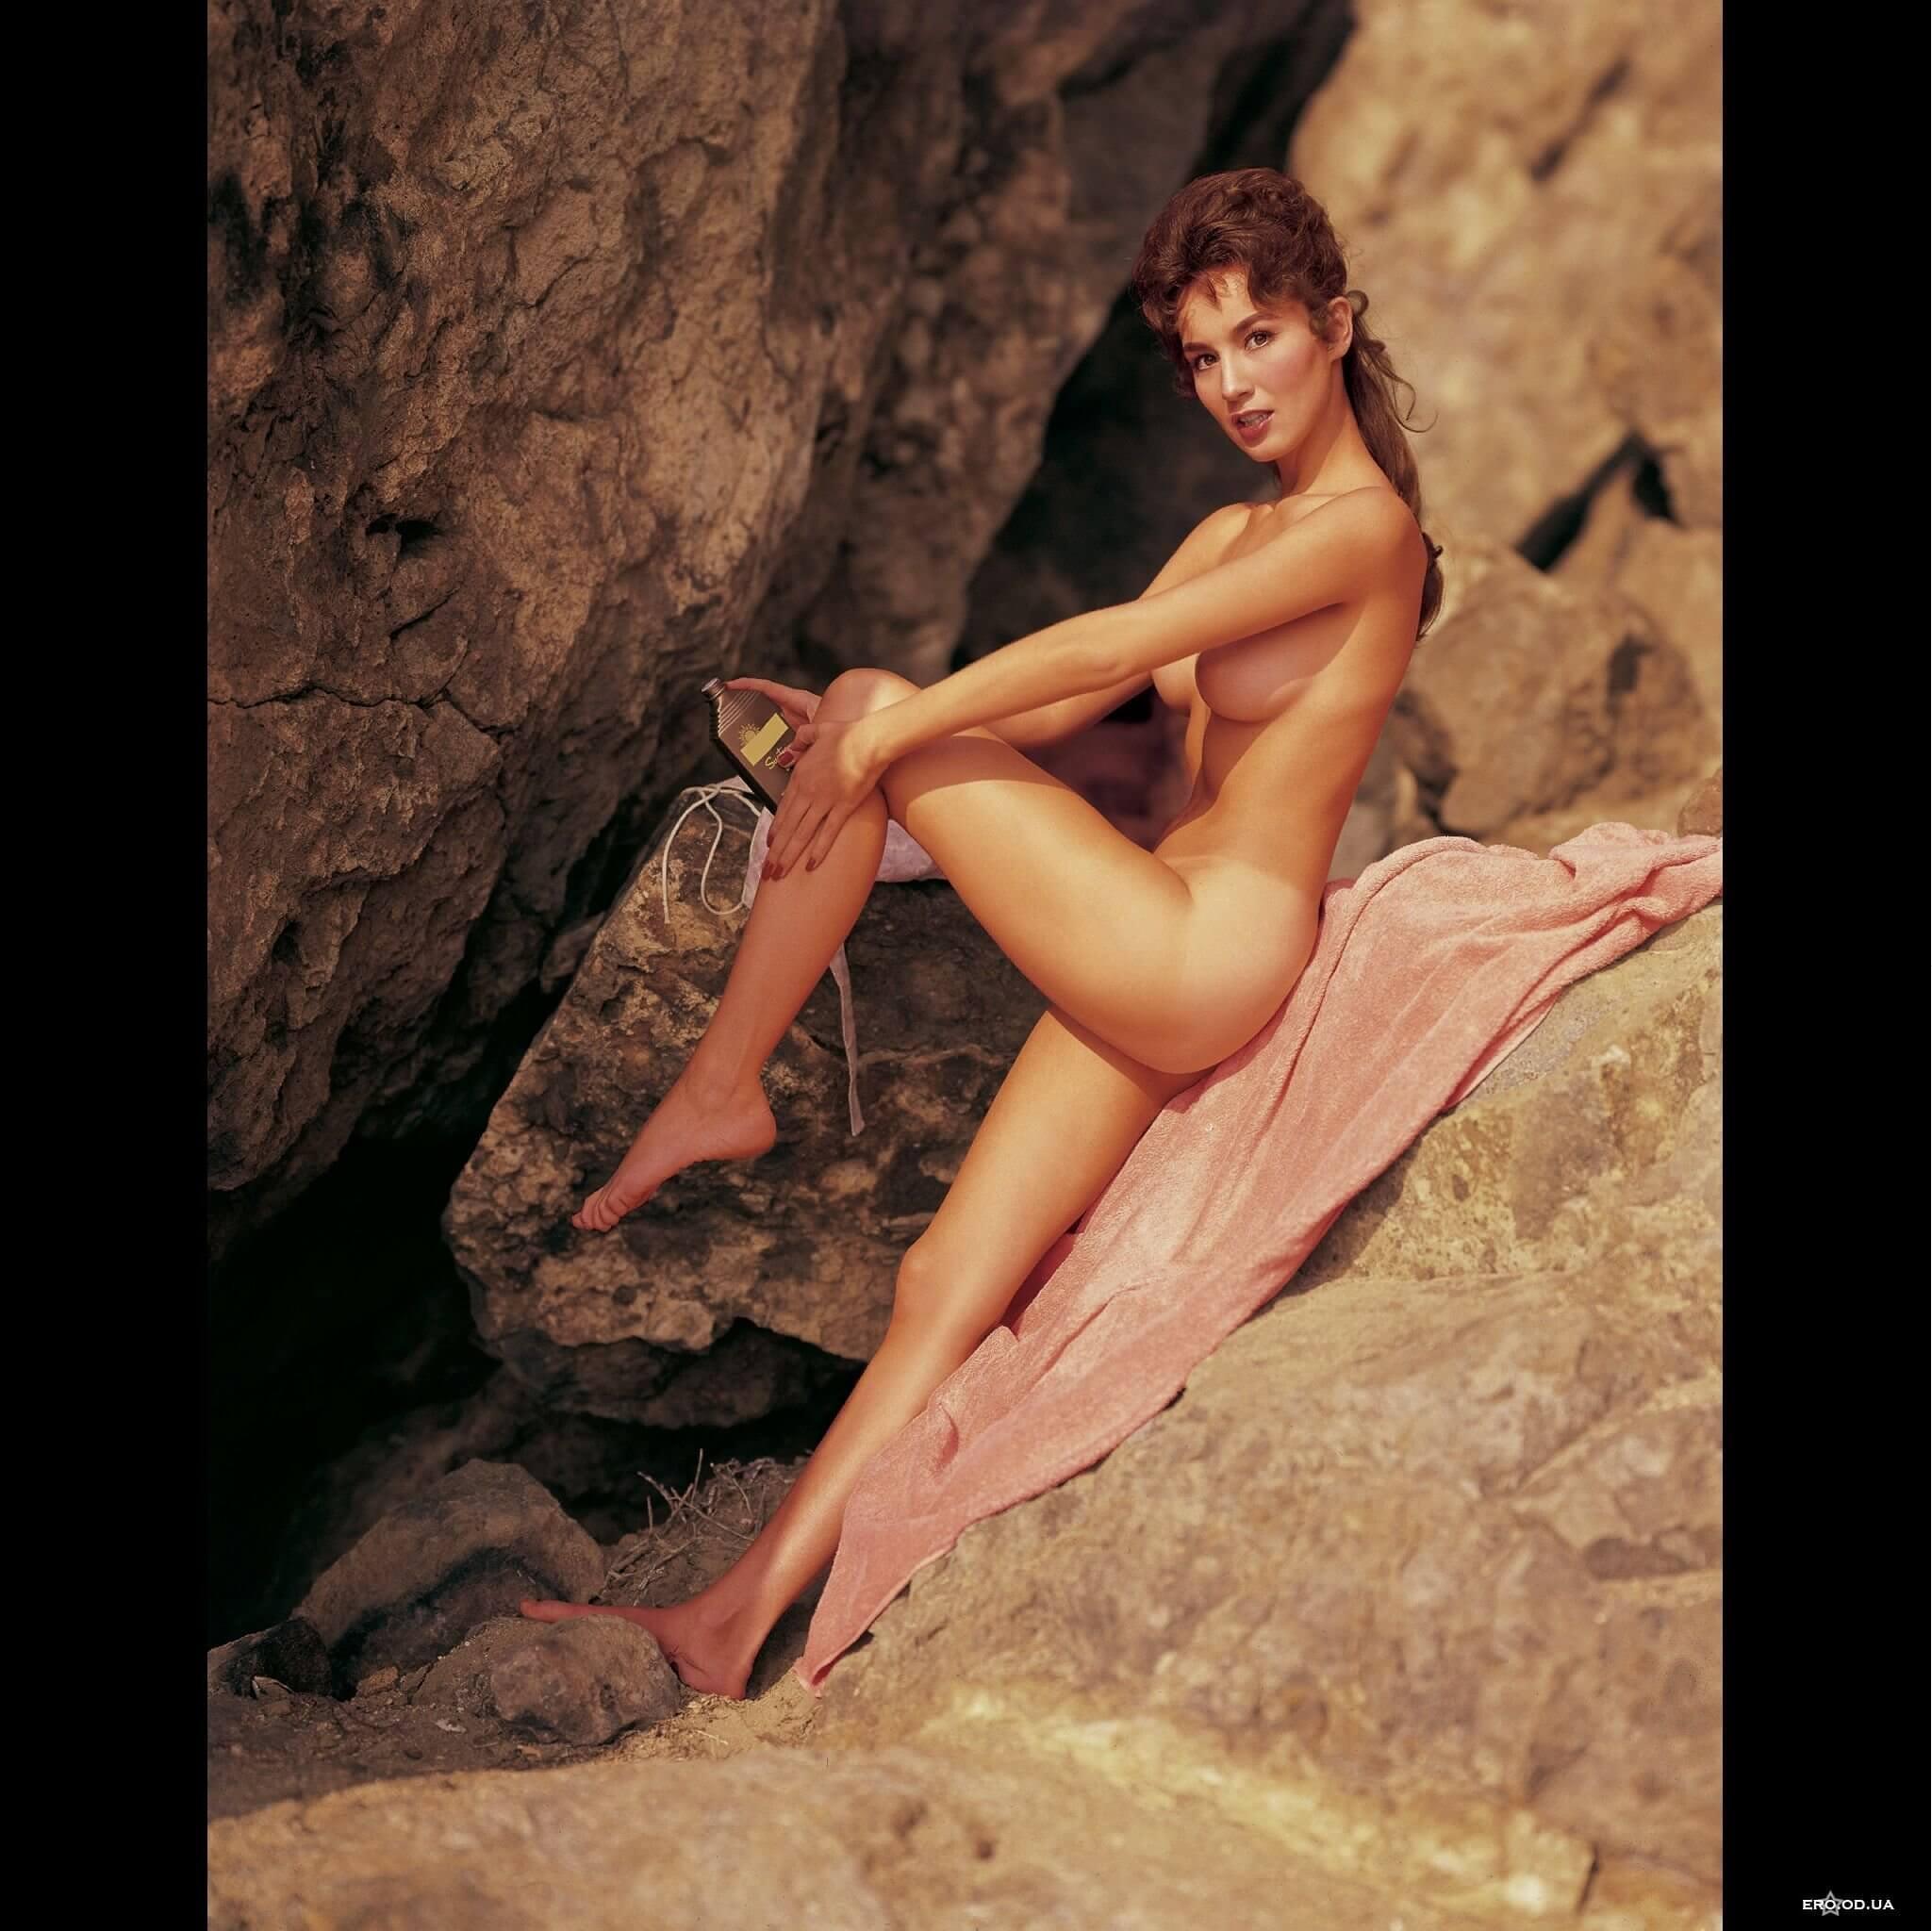 Естественно красивые попы моделей 80-х годов